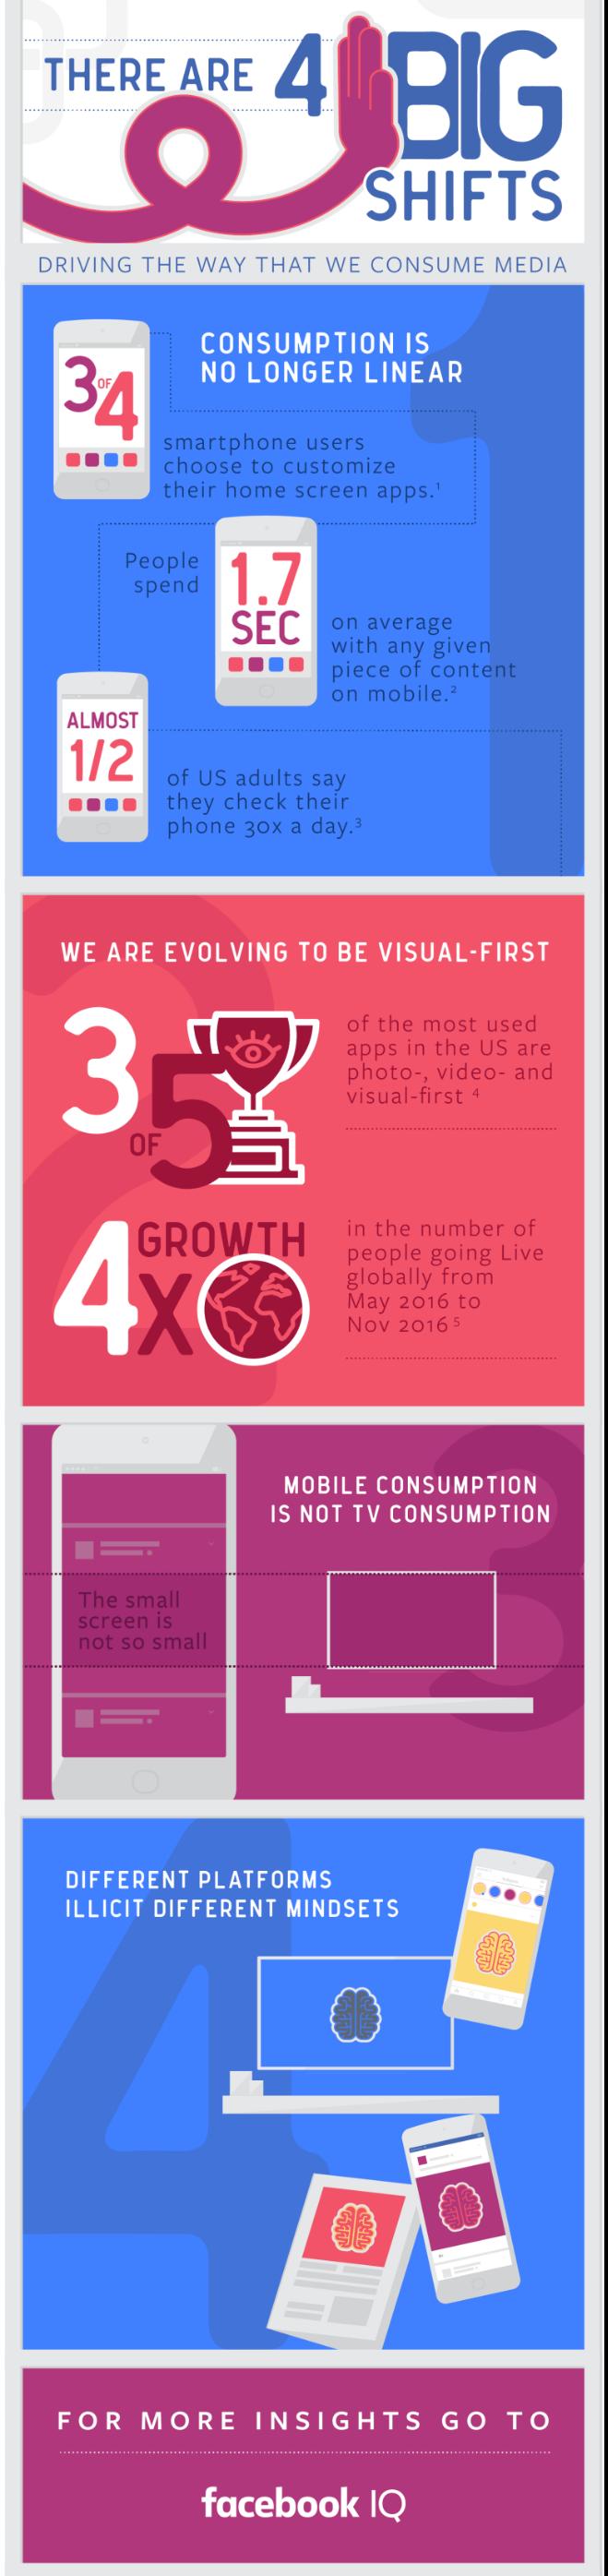 Mobil vækst